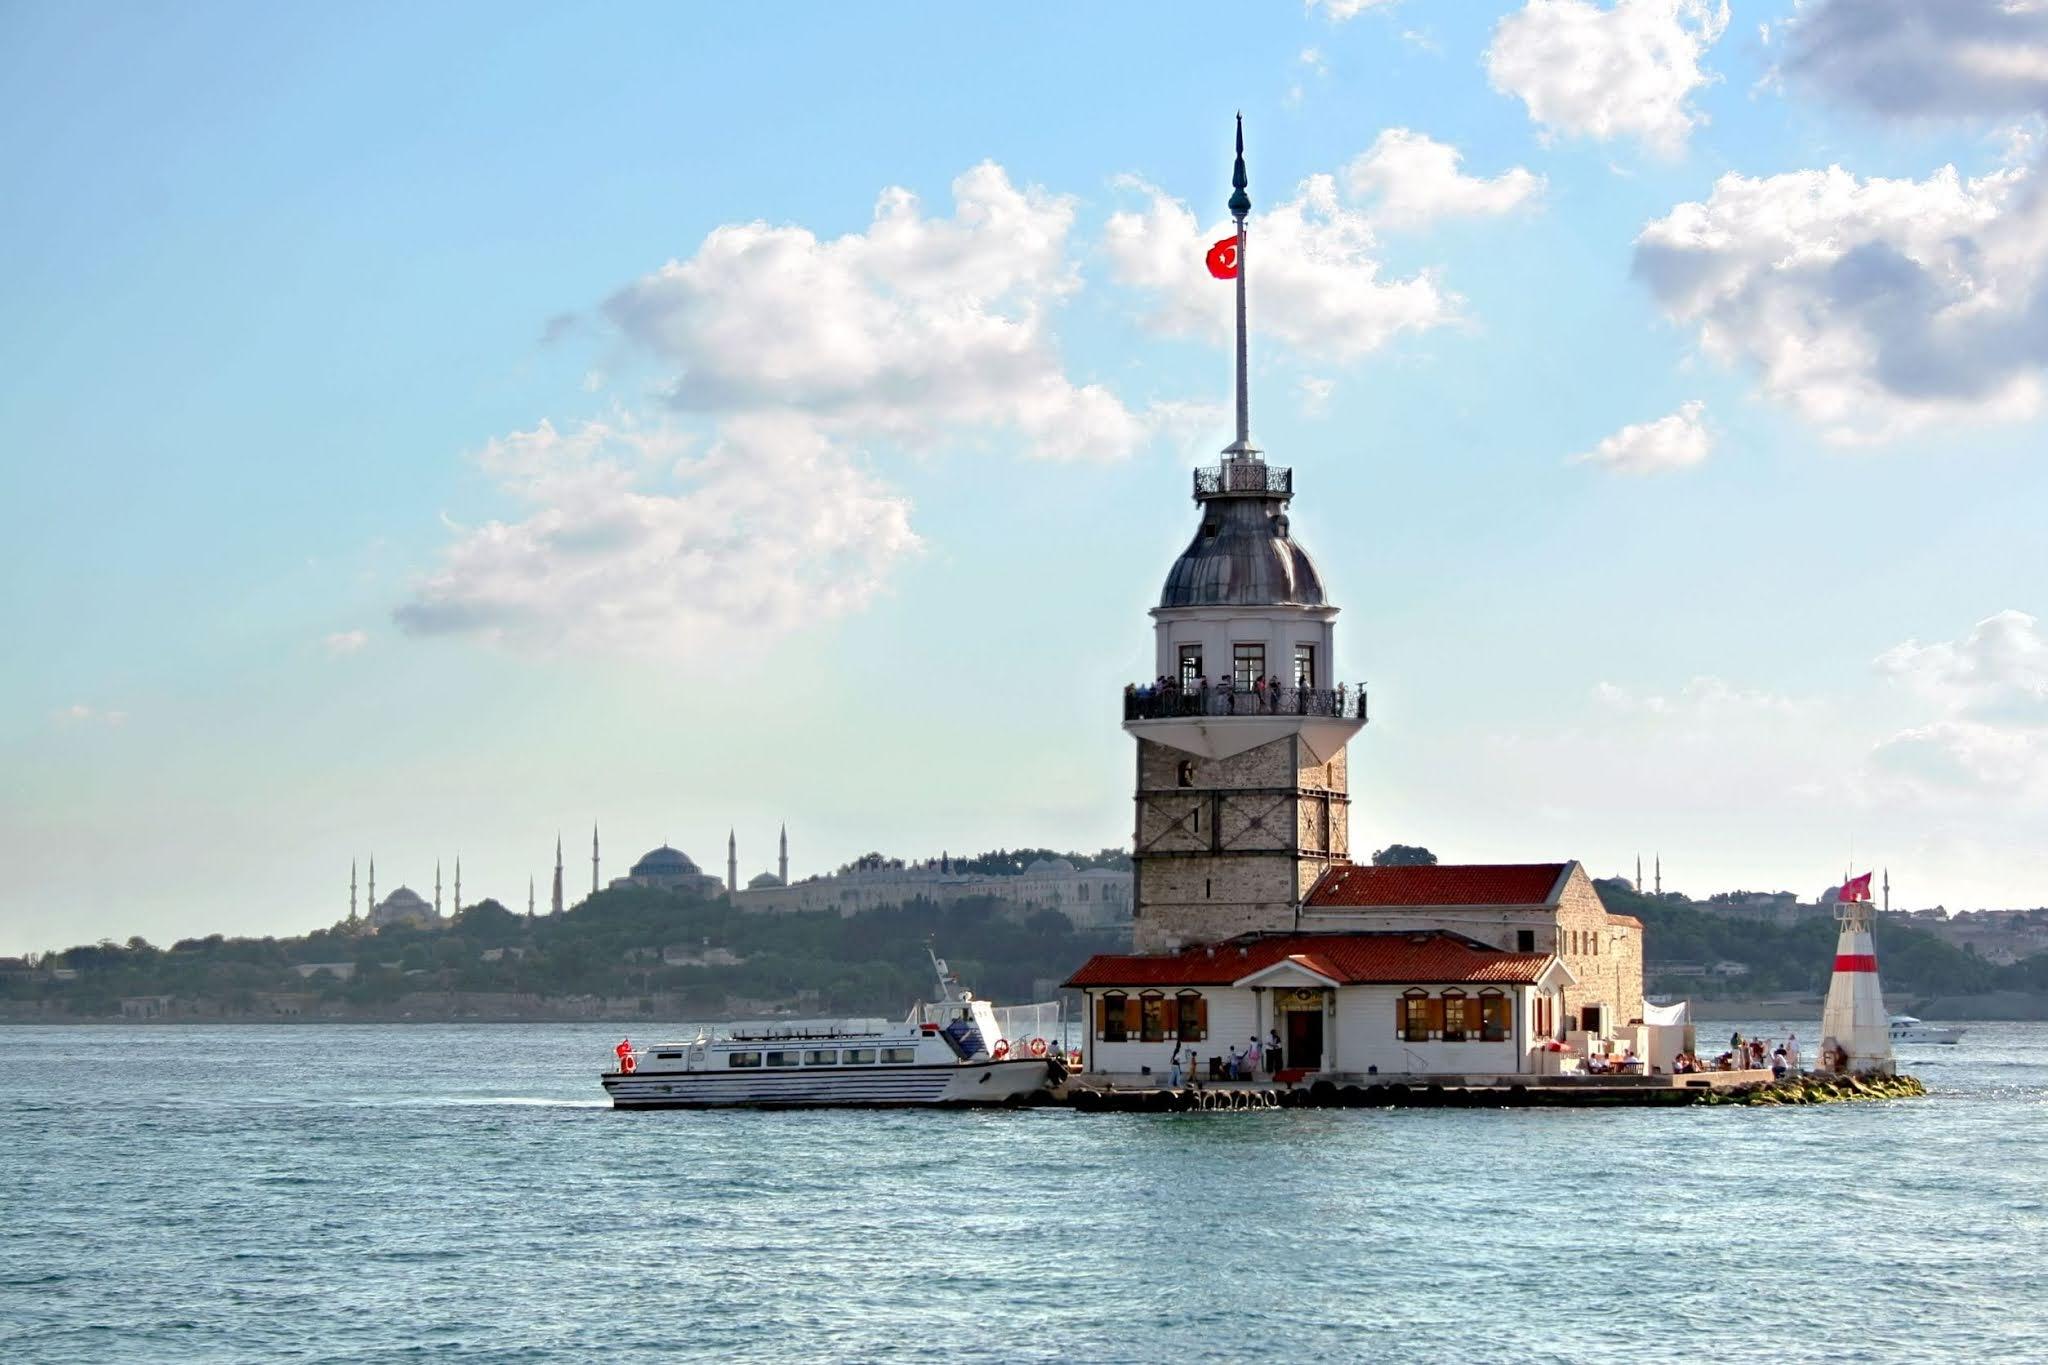 """من أجمل المعالم الساحية في إسطنبول """"برج الفتاة"""" وقصته"""